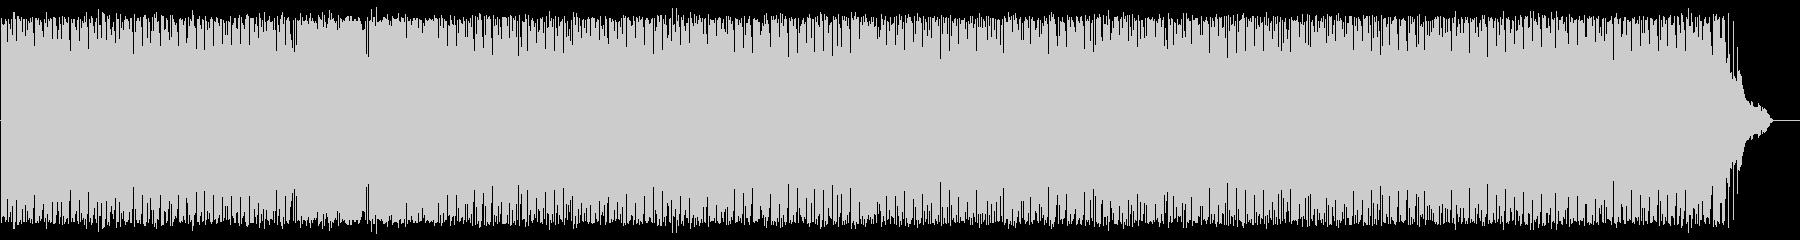 スピード感あるシンセサイザーの曲の未再生の波形